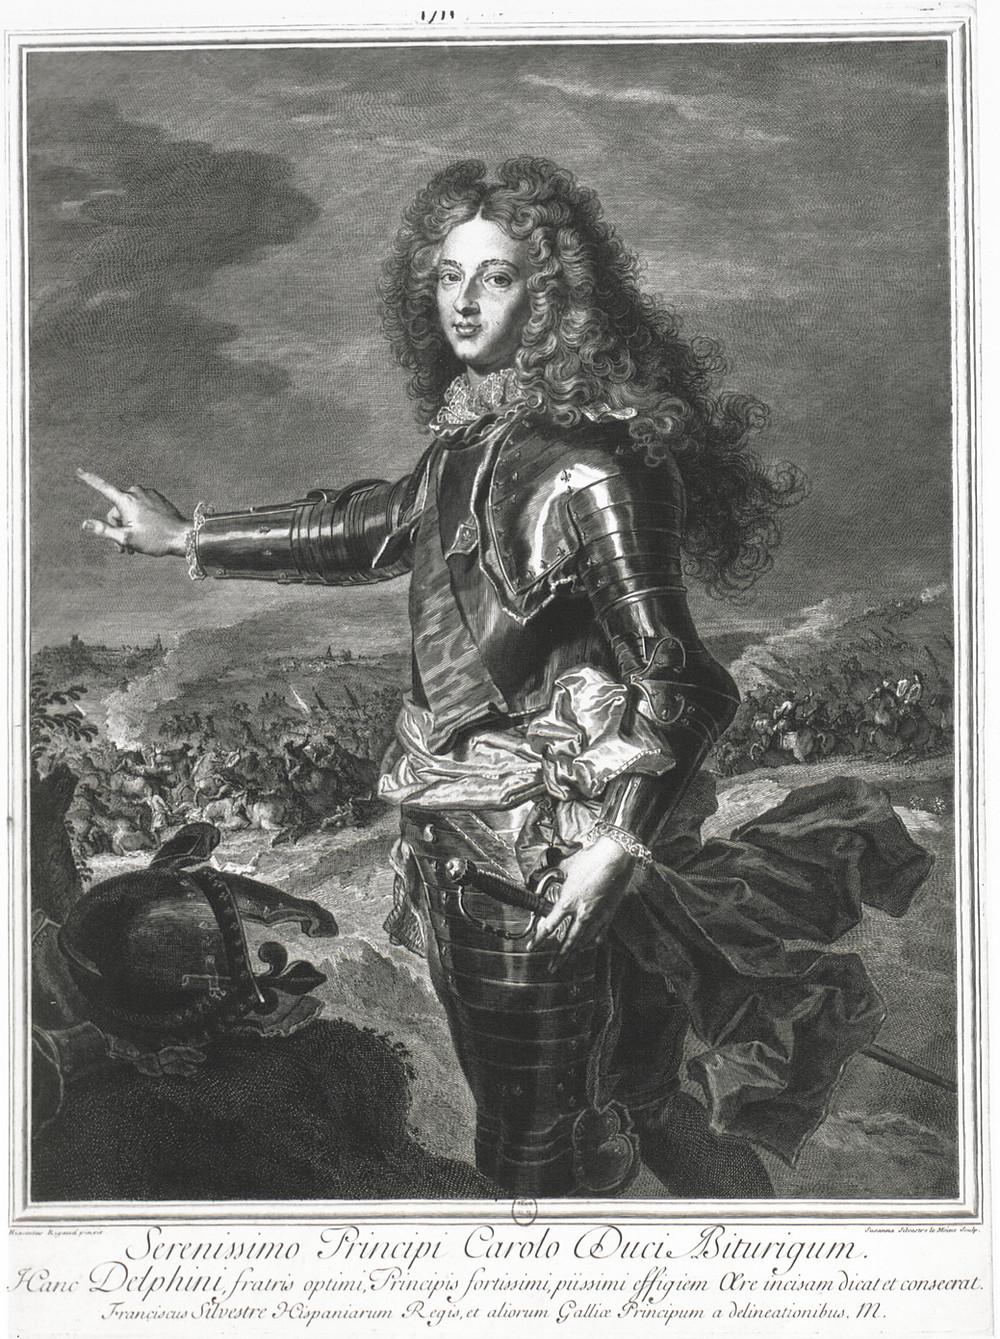 Suzanne Elisabeth Silvestre d'aprèsHyacinthe Rigaud, Portrait du duc de Bourgogne, 1707, Paris, BnF, département des Estampes et de la photographie, Da. 62 fol. 27